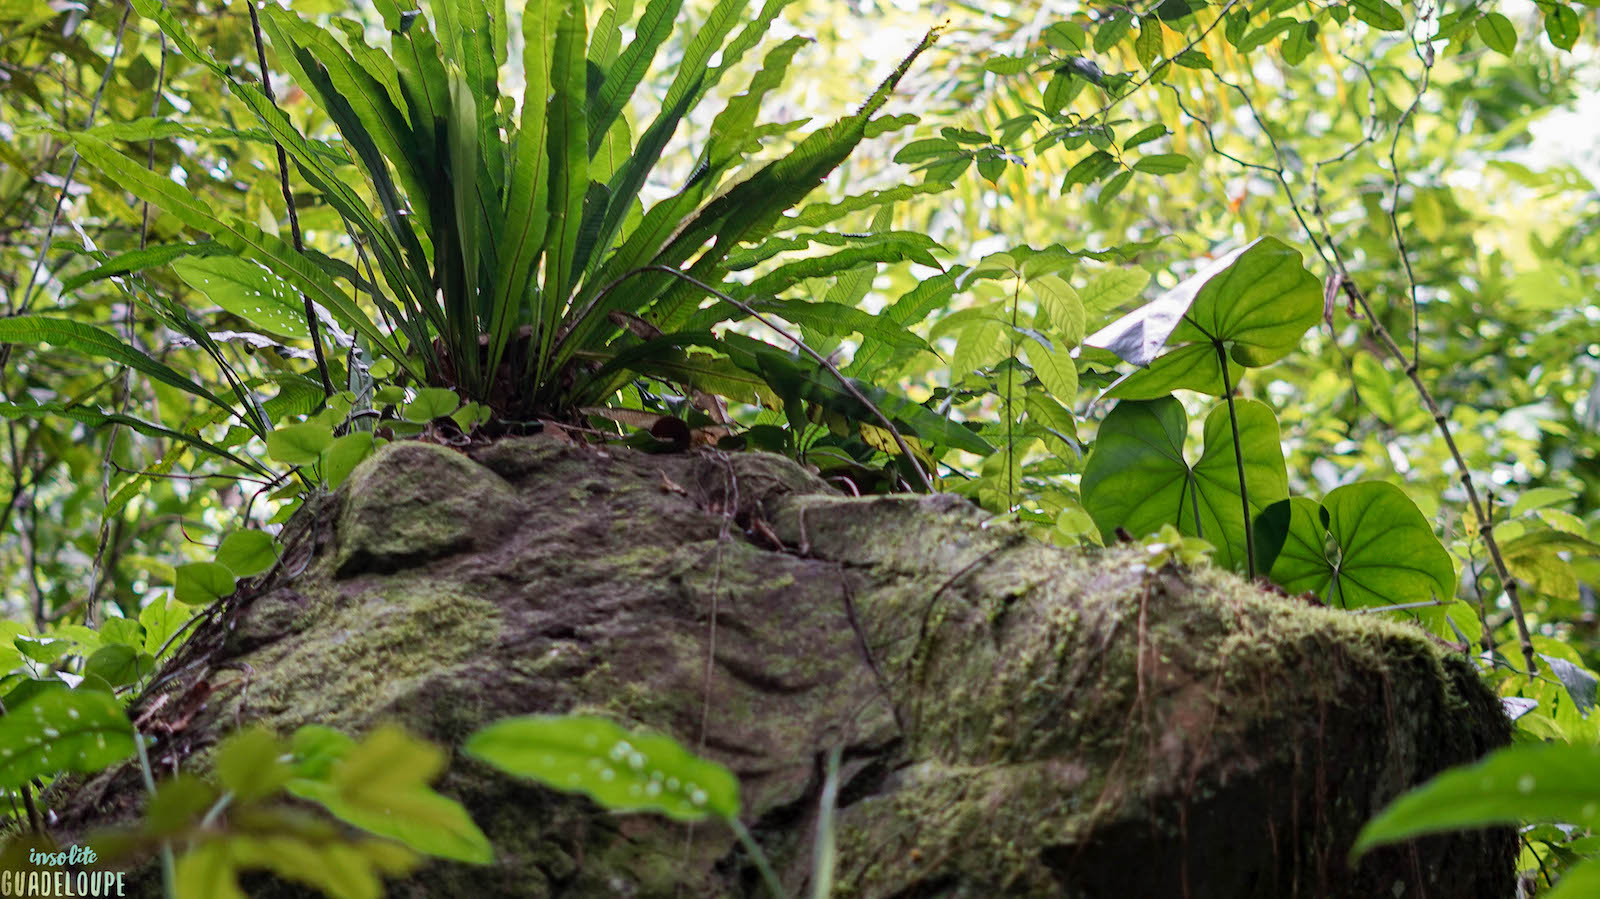 Roche forêt, conseils randonnées Guadeloupe, évitez les dangers